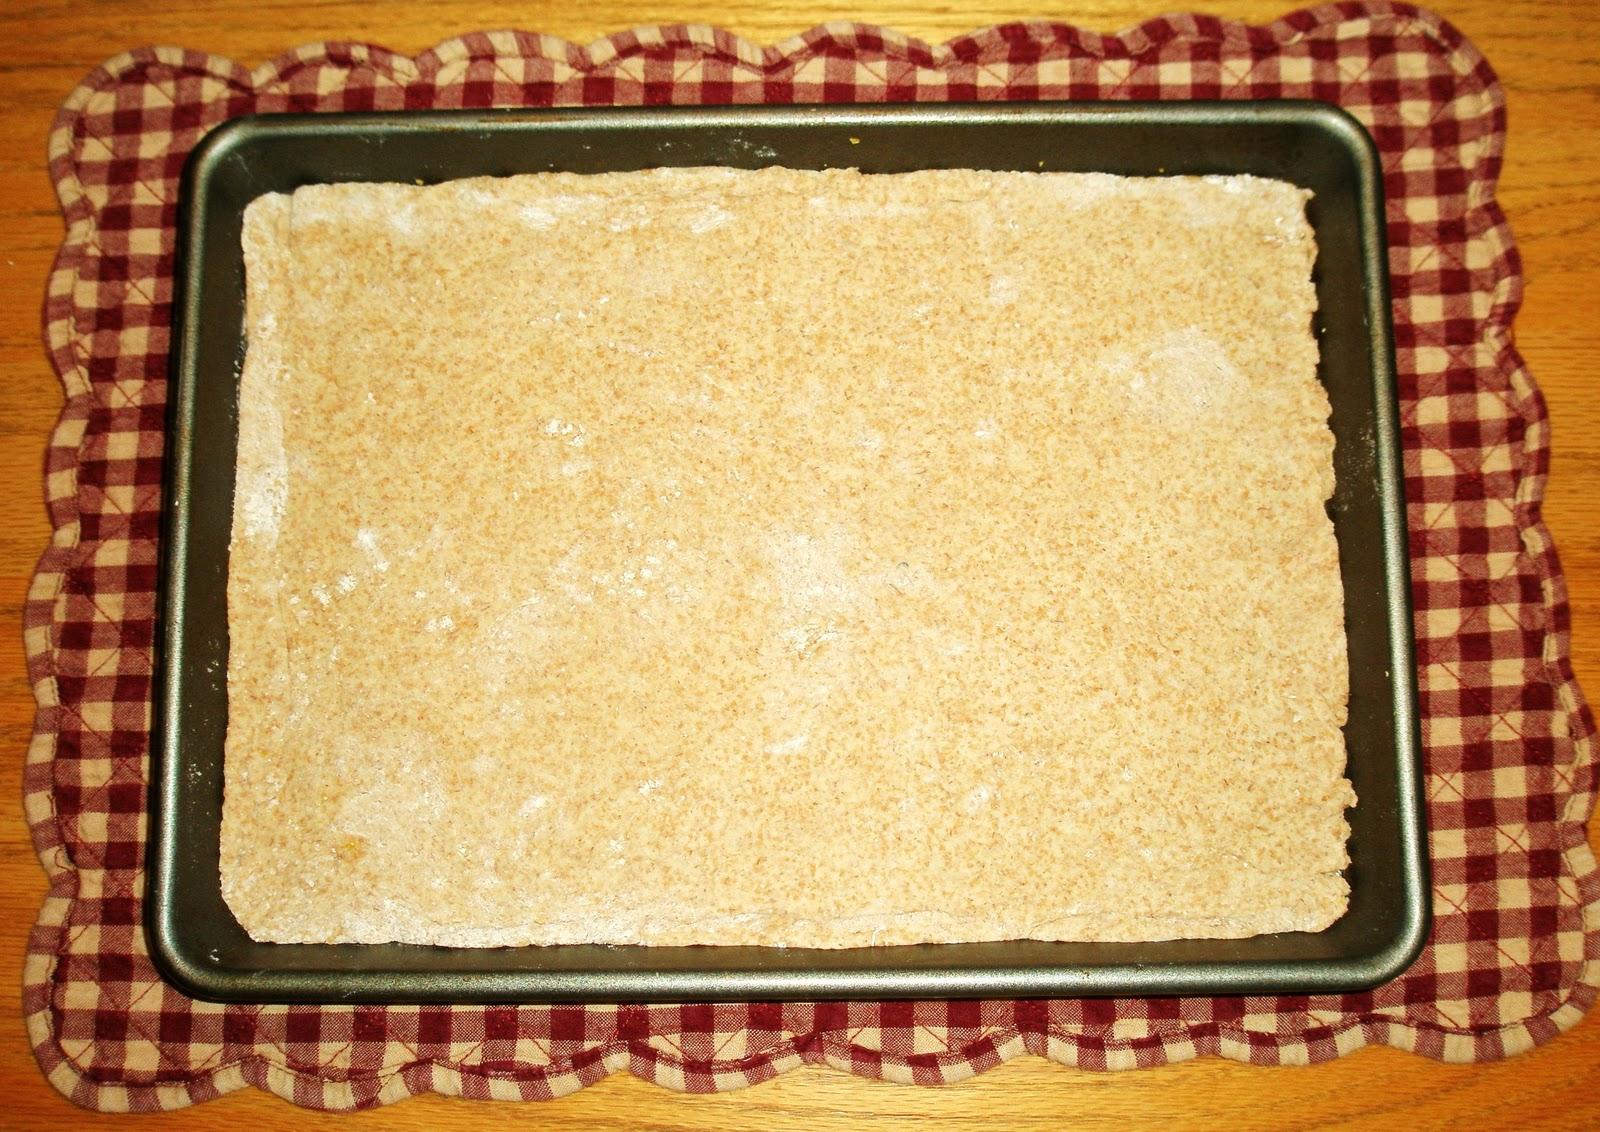 ... pizza crust dough buy pre made crust or make dough from scratch i